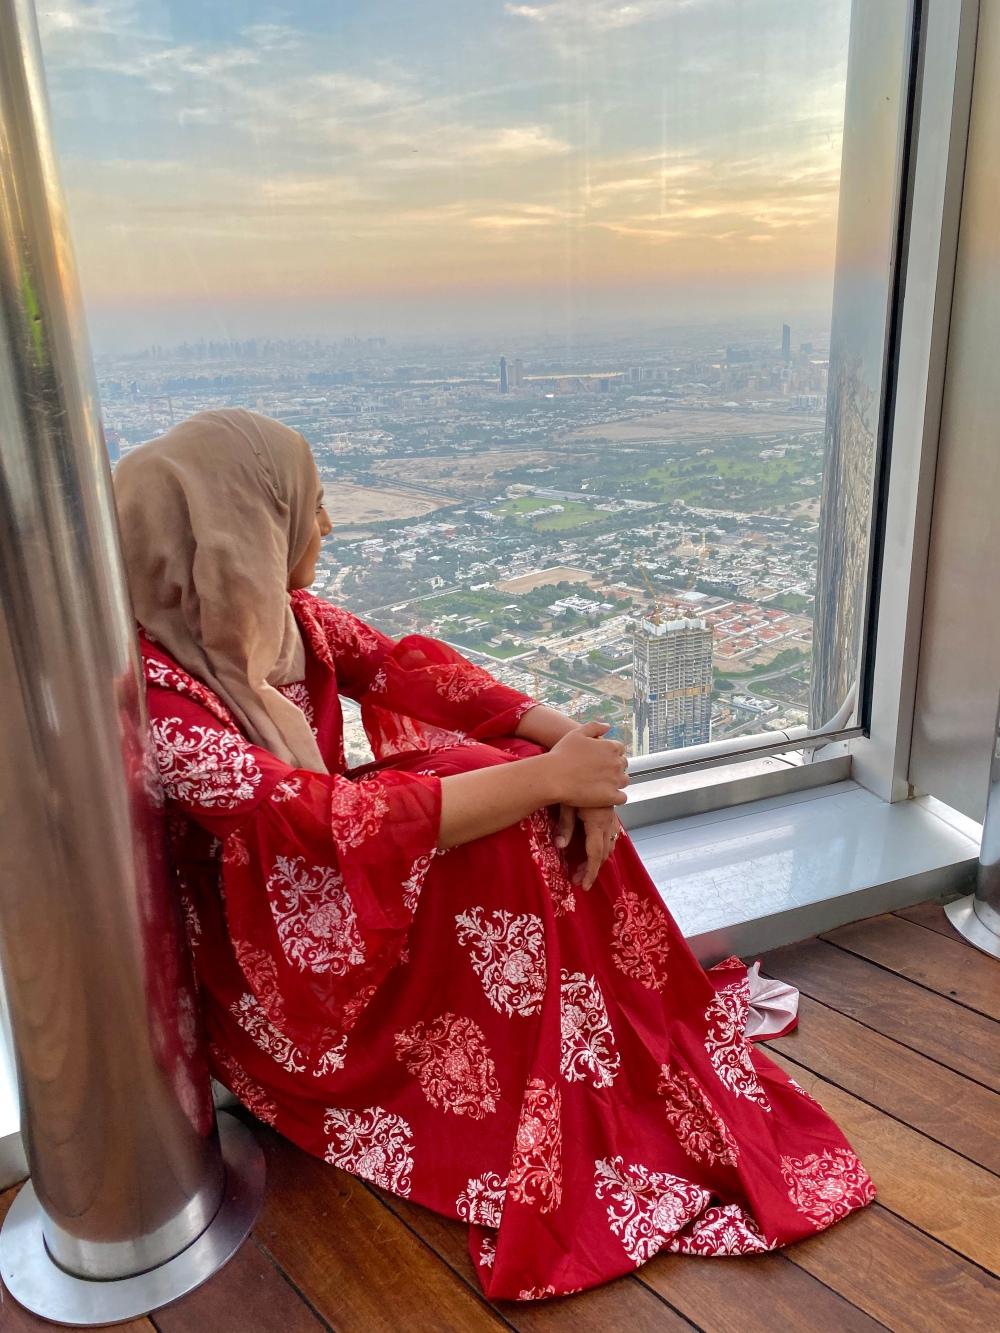 Rafa Farihah Red Maxi Dress Looking at Sunrise Burj Khalifa Dubai